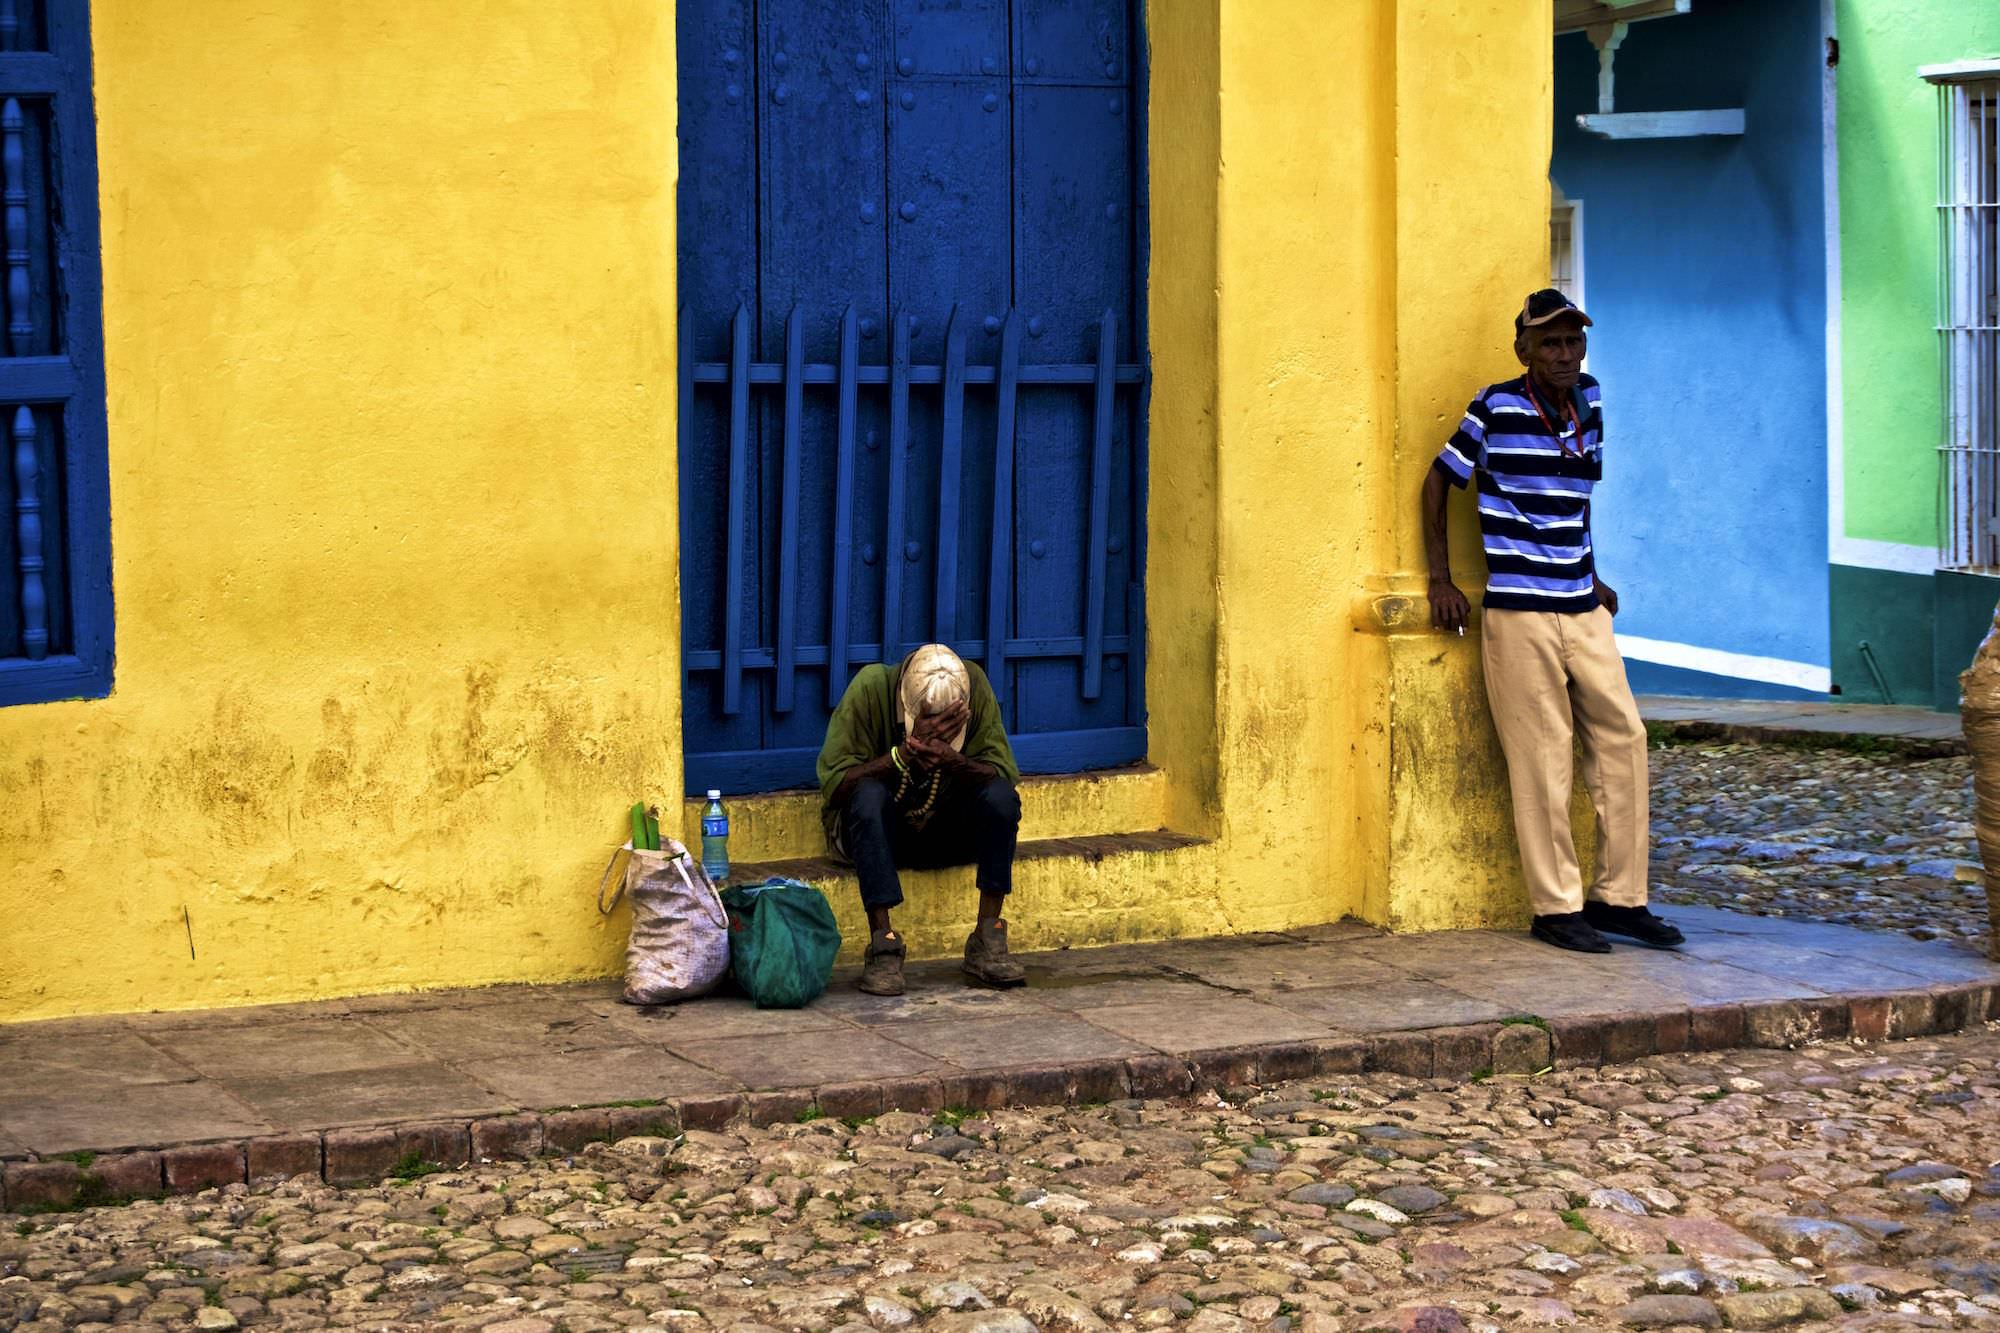 Cuban men in Trinidad. Daily life in Cuba.